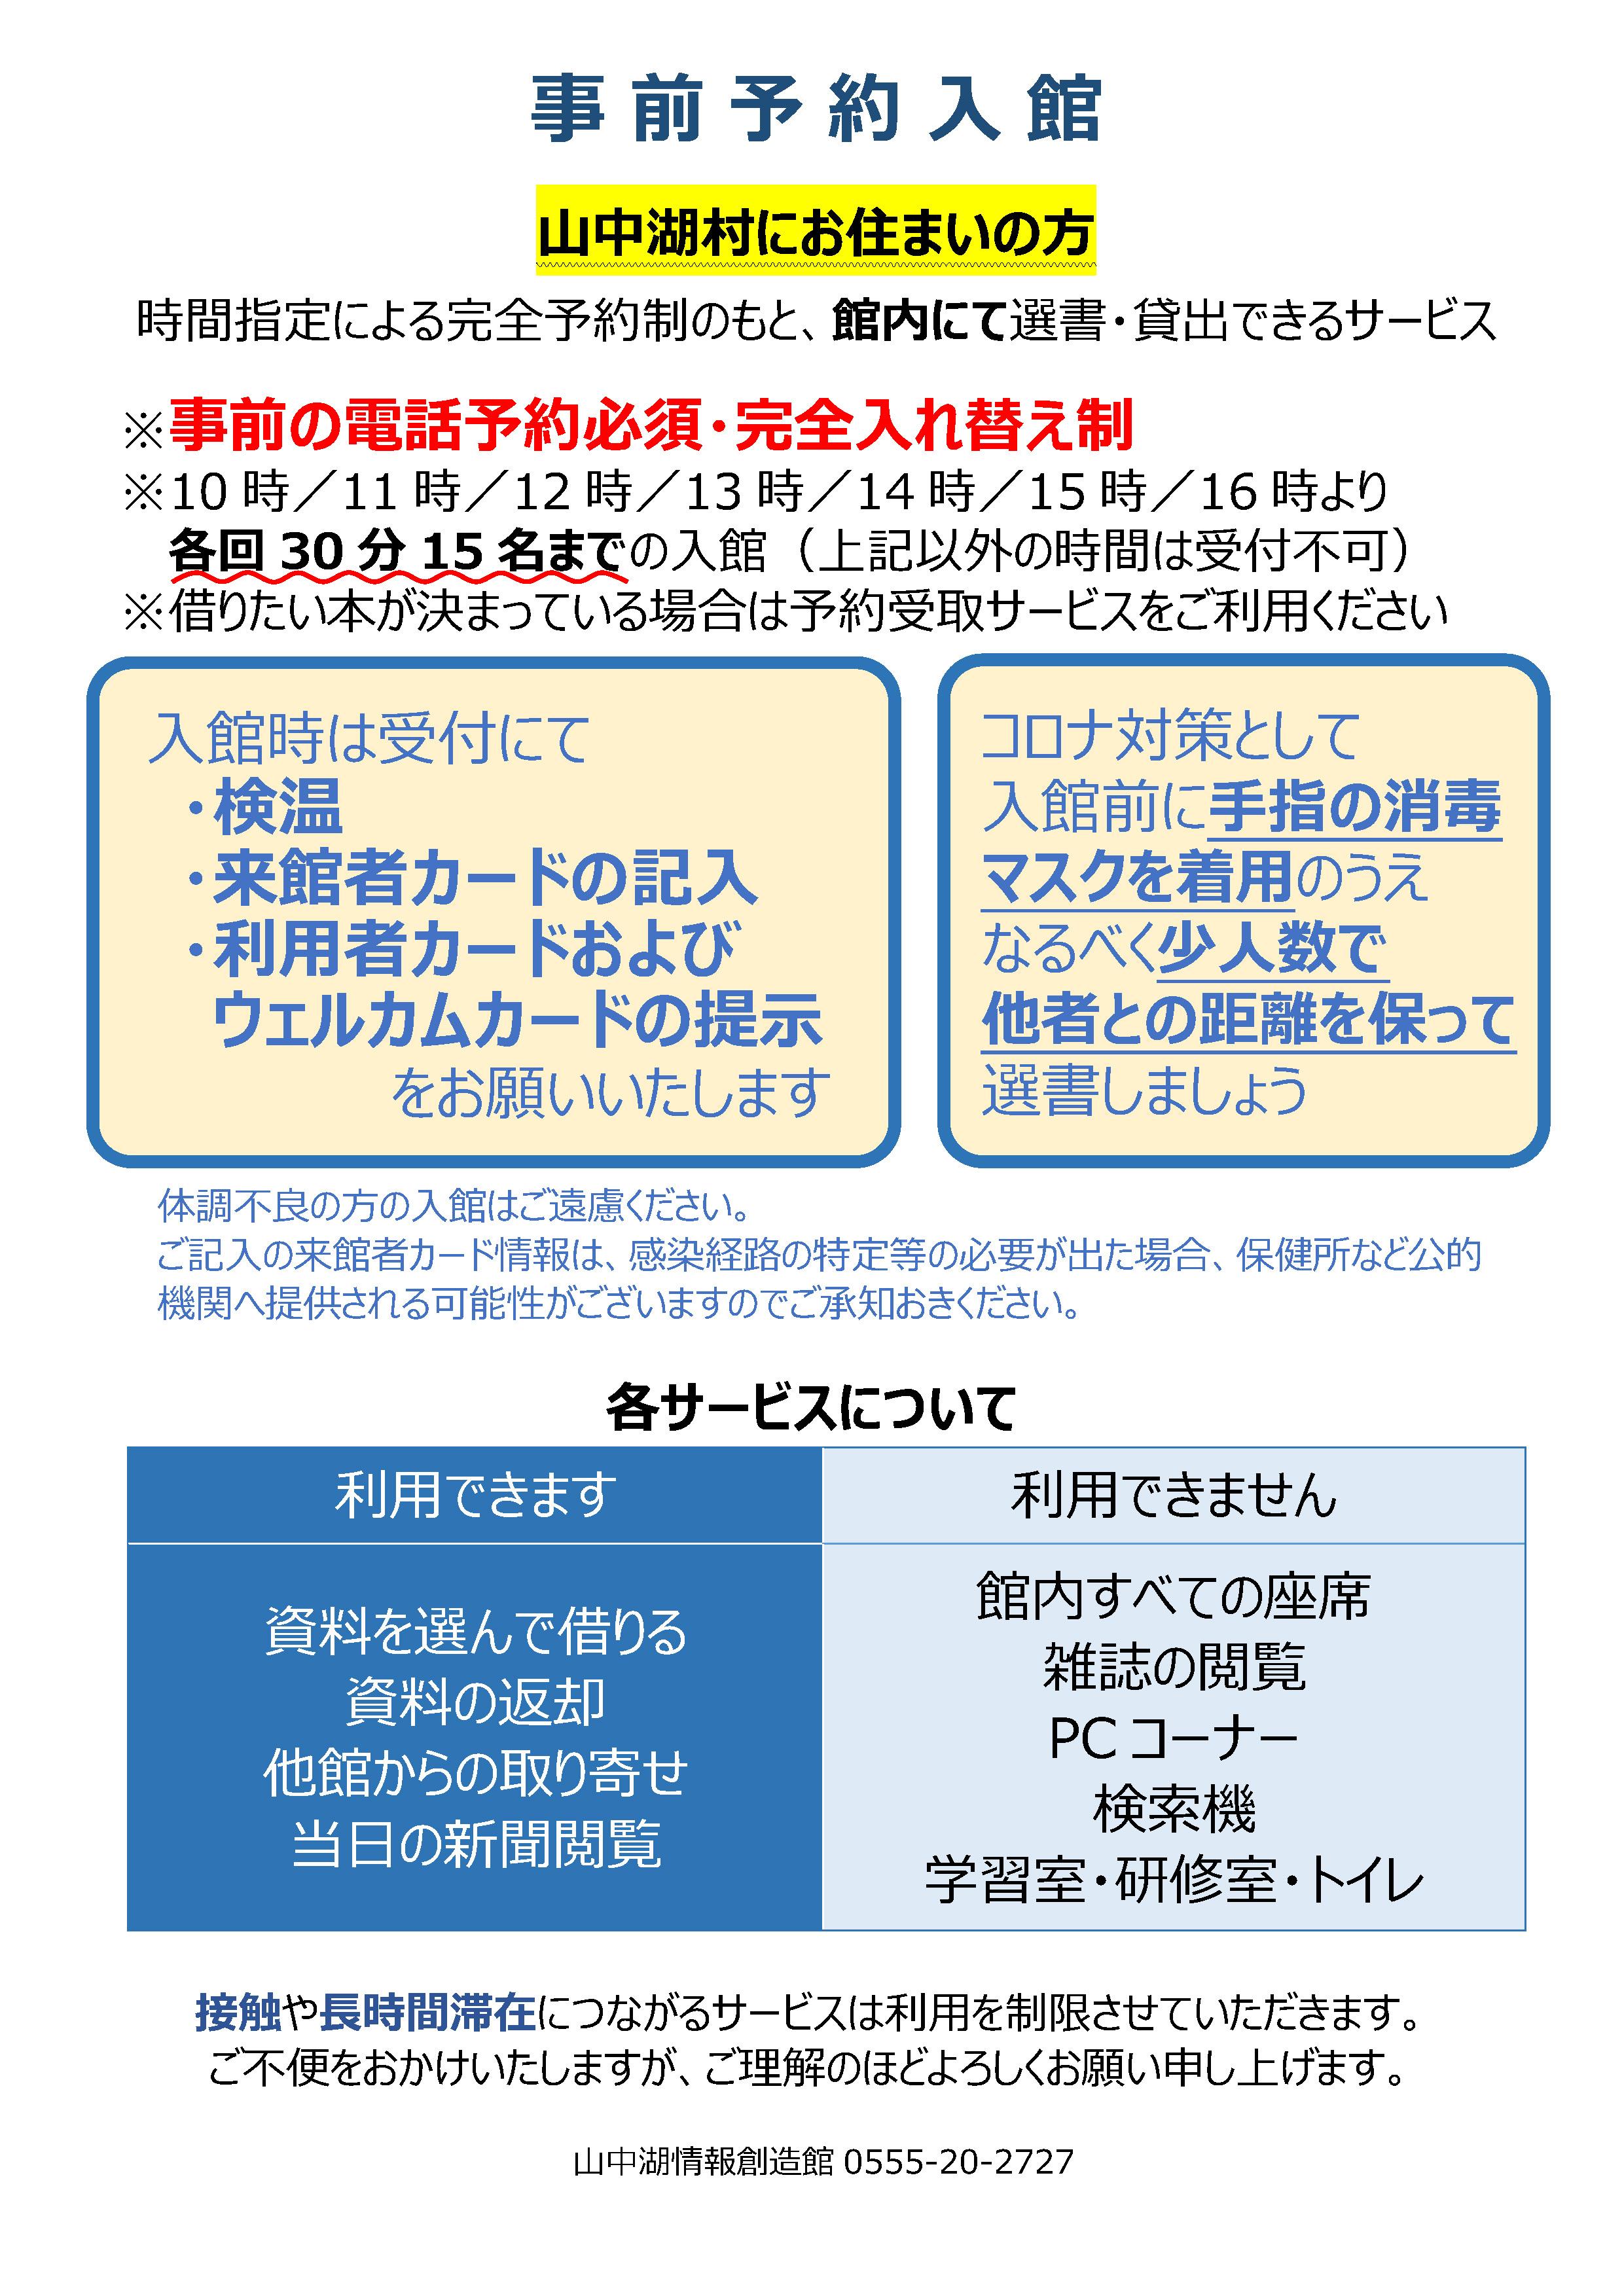 予約貸出・予約入館サービスのお知らせ(A4)_ページ_2